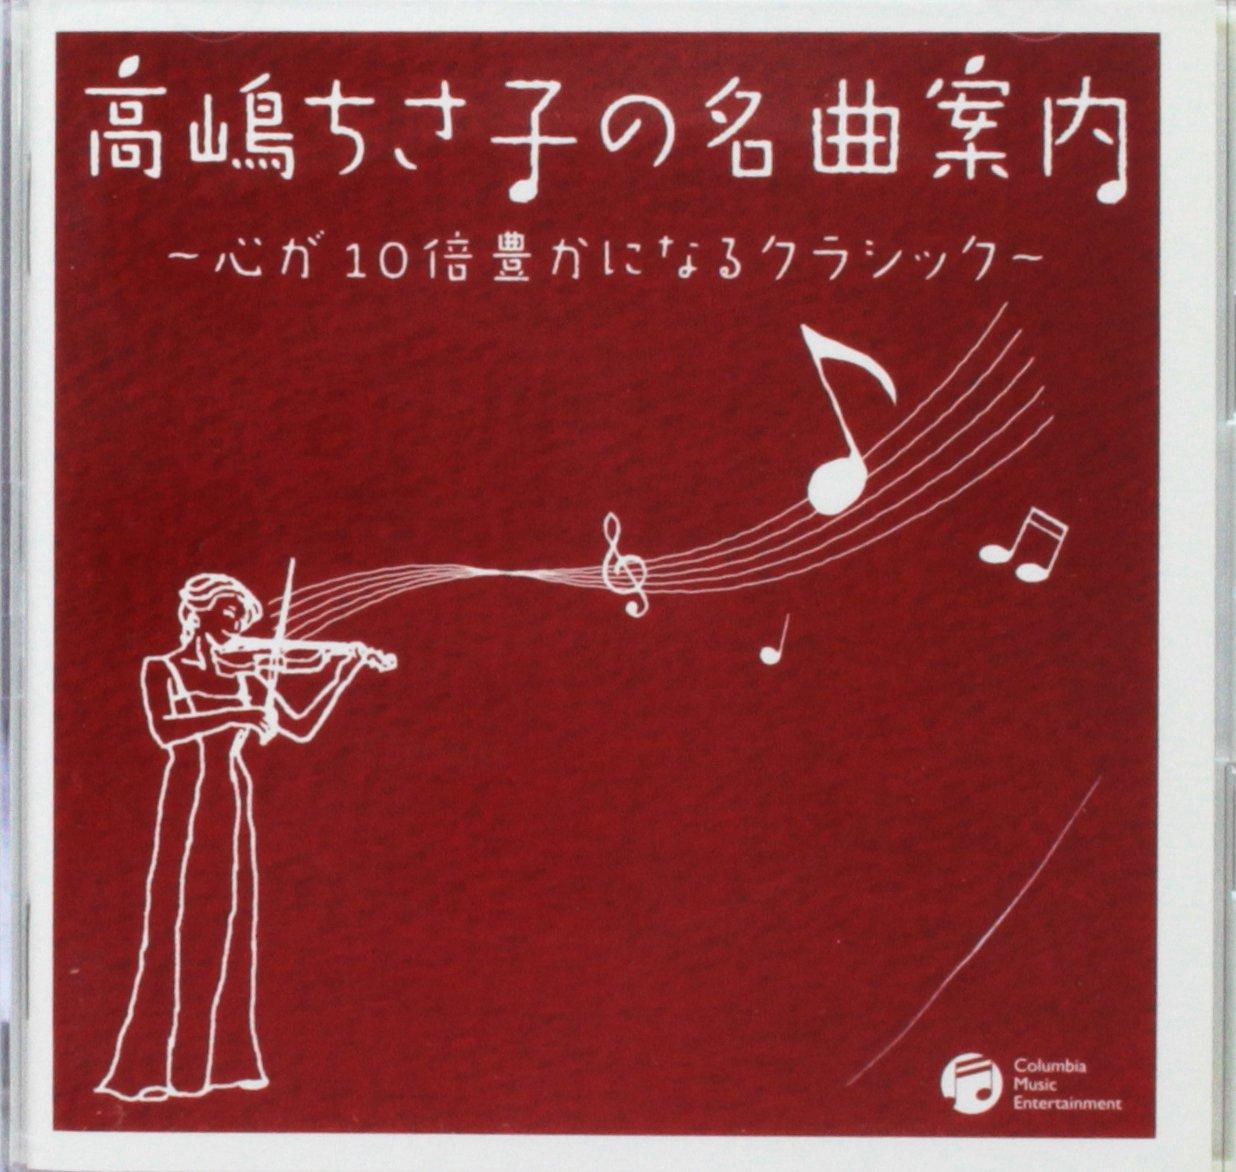 Kokoro Ga 10 Bai Yutaka Ni Naru Clas by Imports